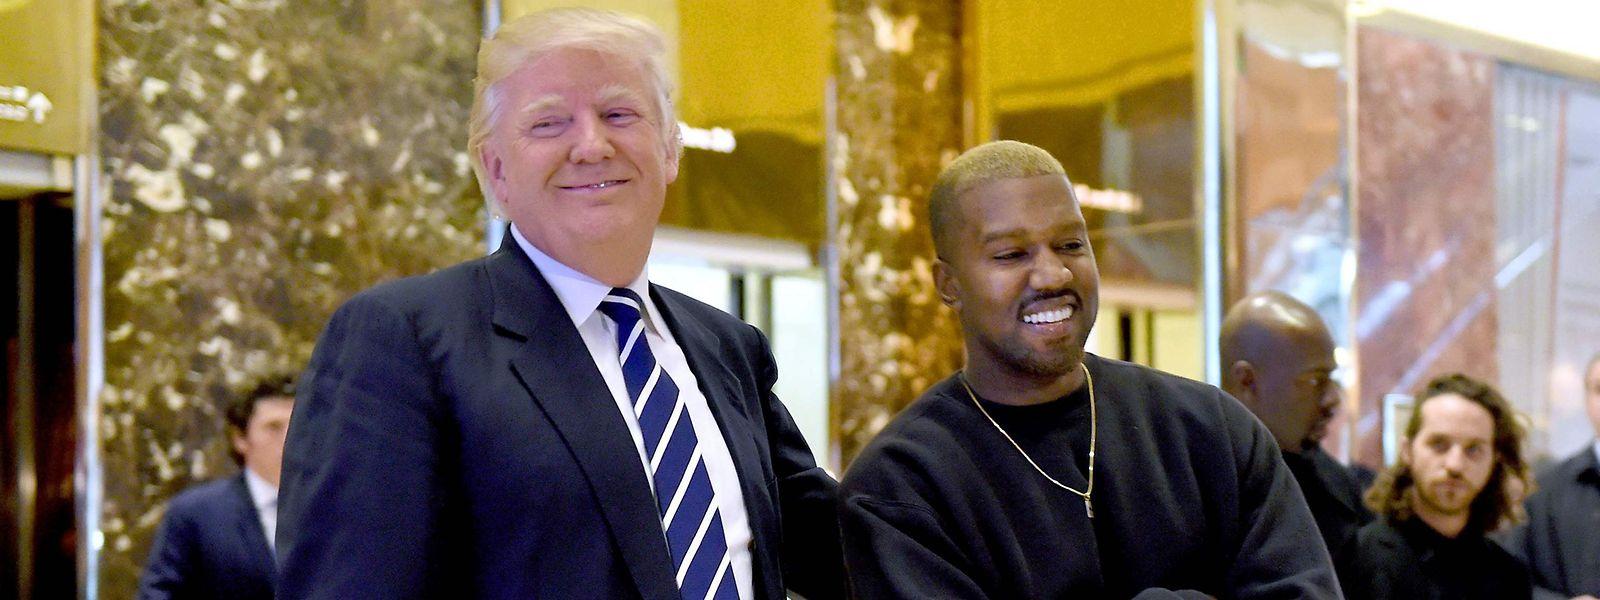 Donald Trump und Kanye West im Dezember 2016.